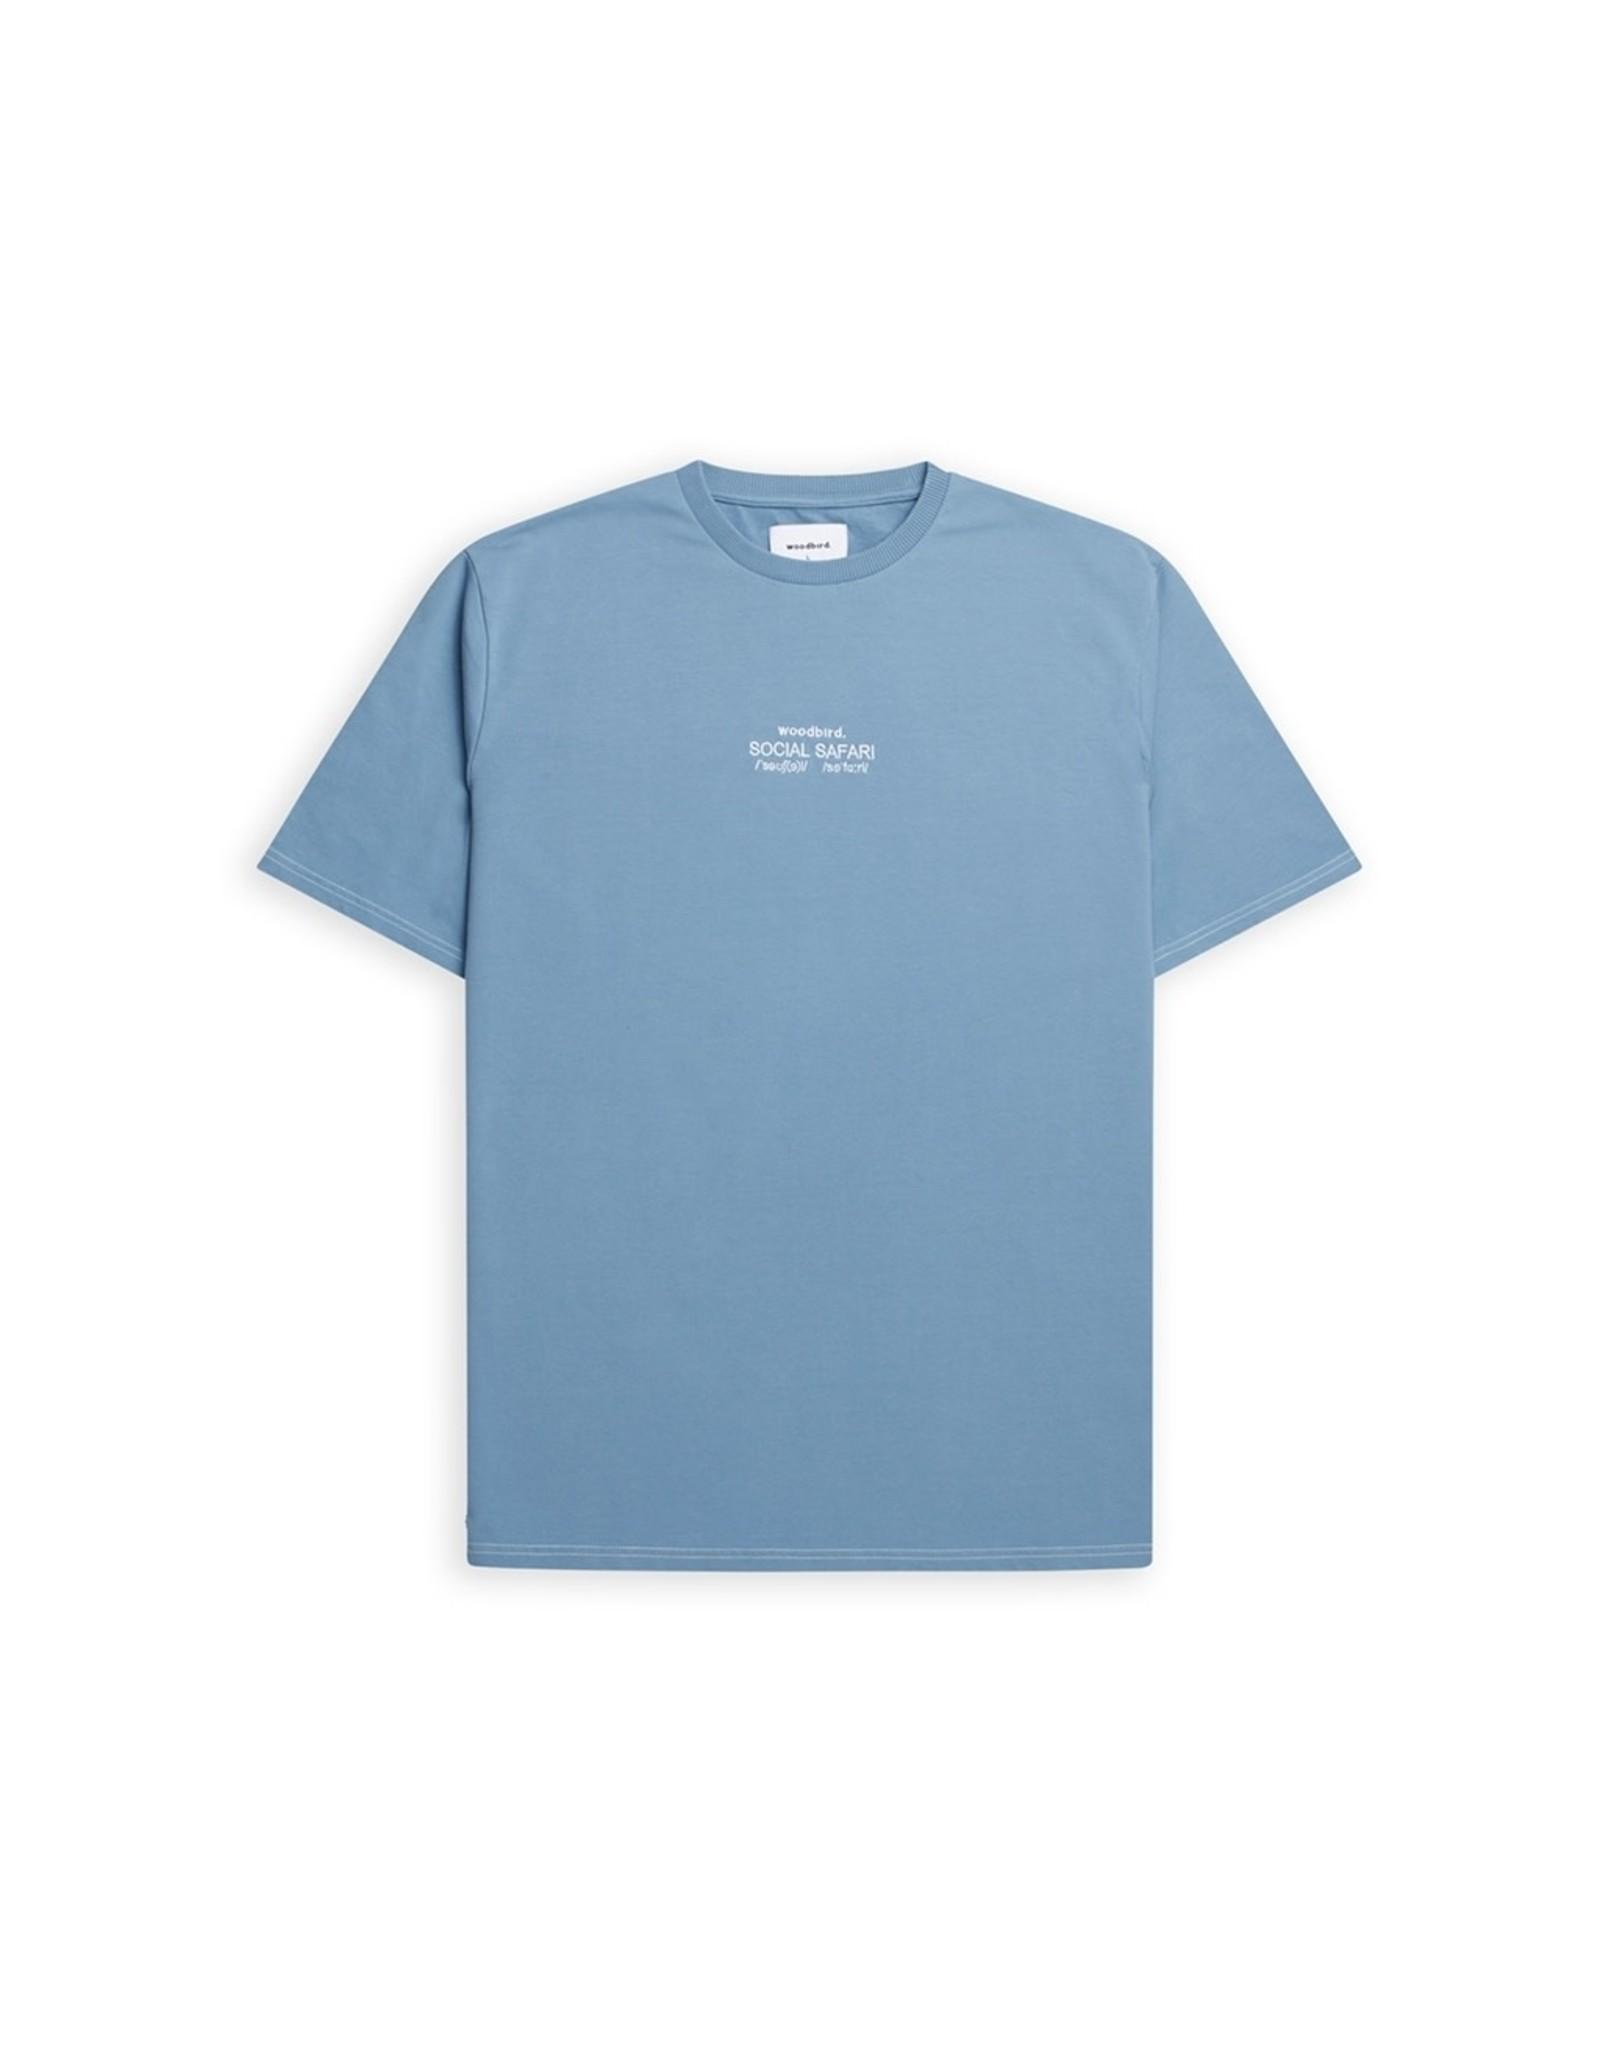 Woodbird Kritt T-shirt